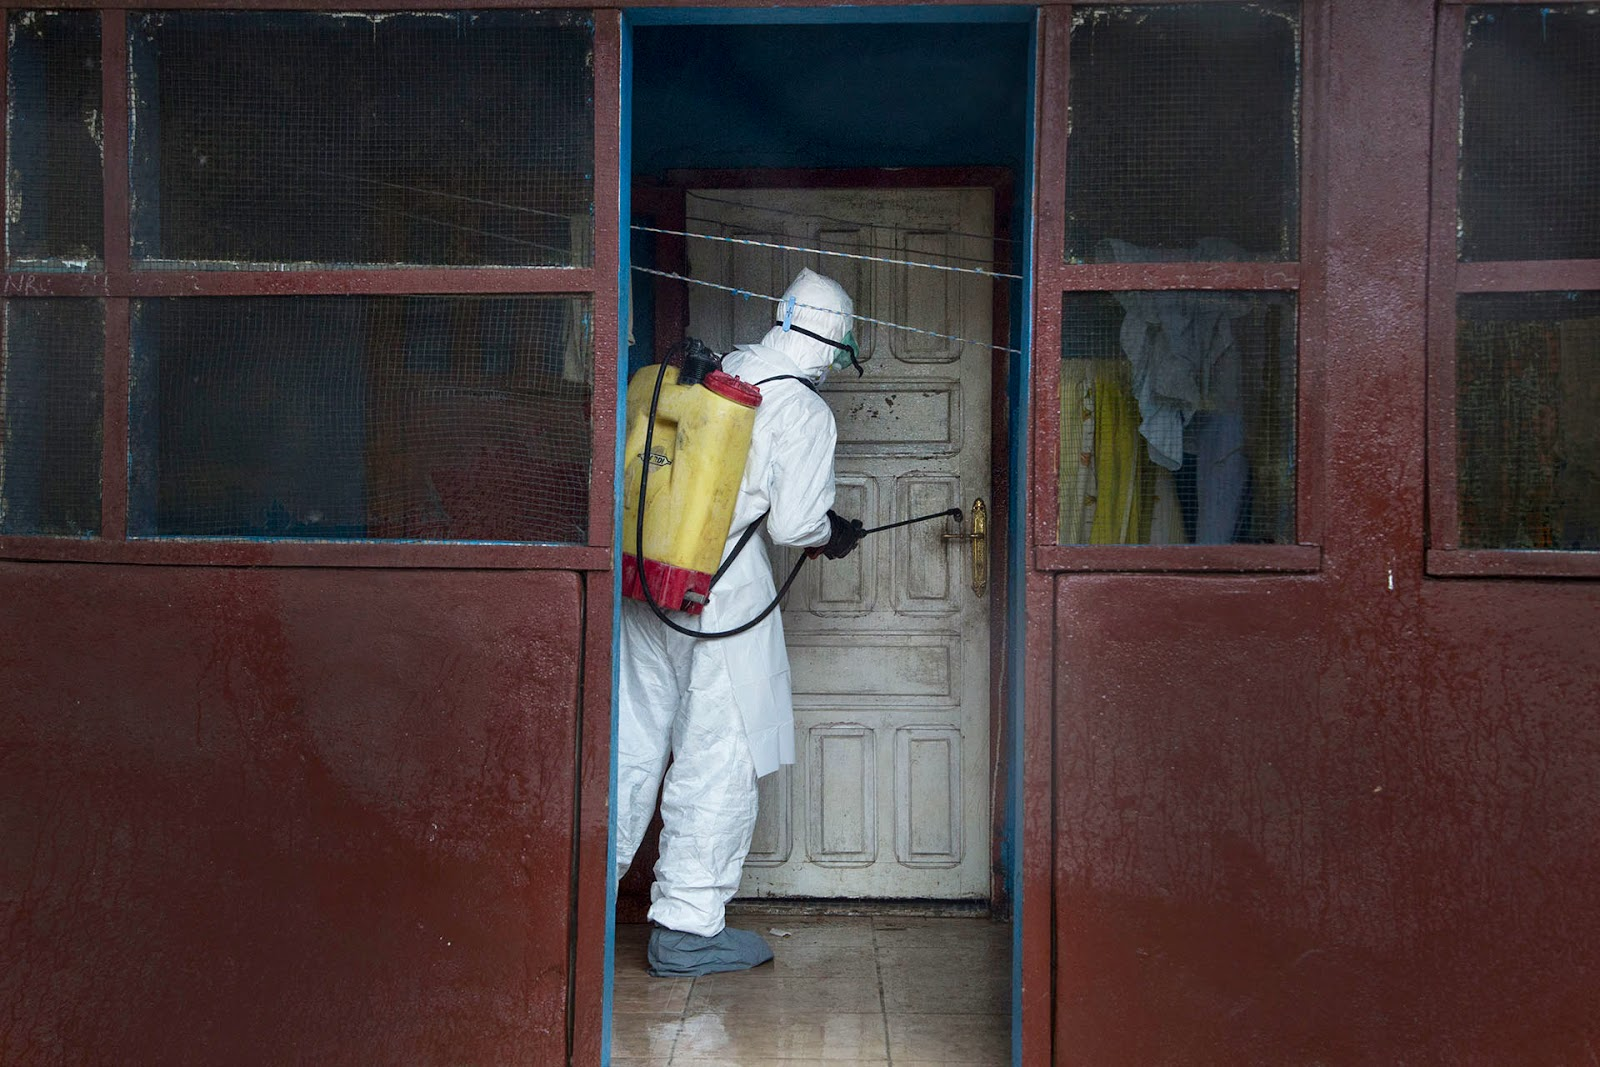 http://mashable.com/2014/10/24/ebola-liberia-hell-photographer/?utm_cid=mash-com-Tw-main-link